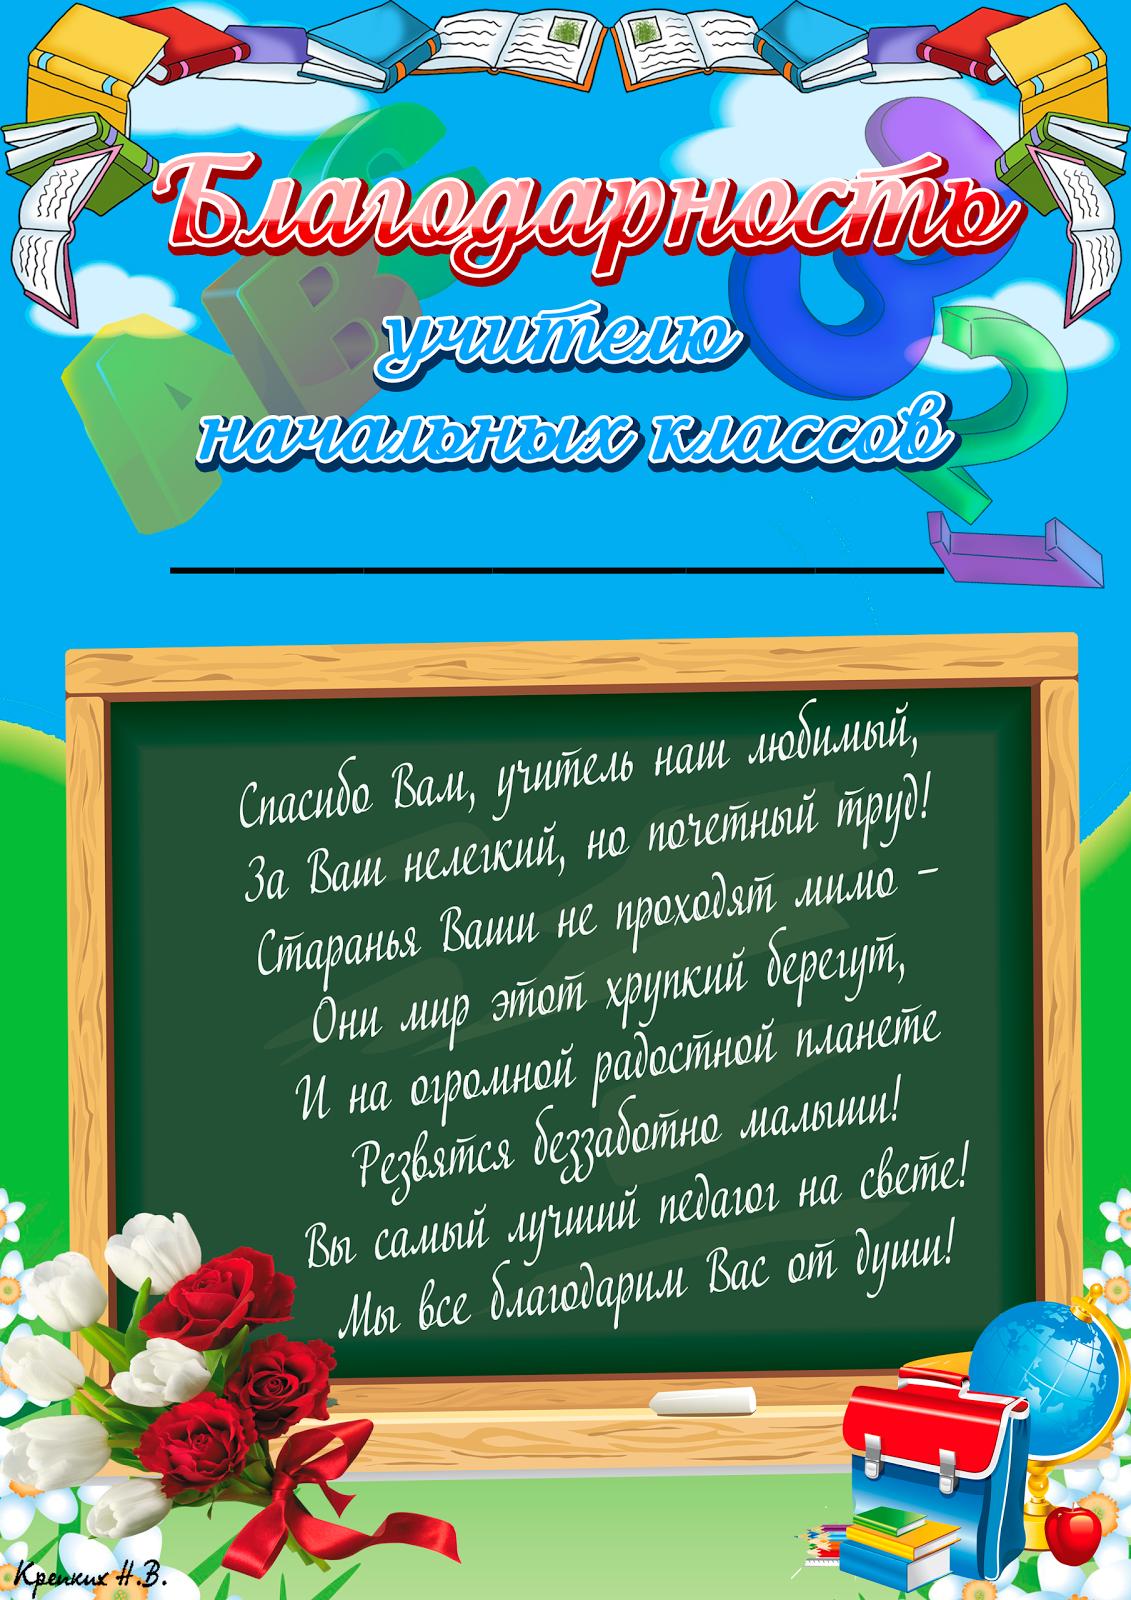 Поздравление с днем учителя начальных классов в стихах от родителей 10